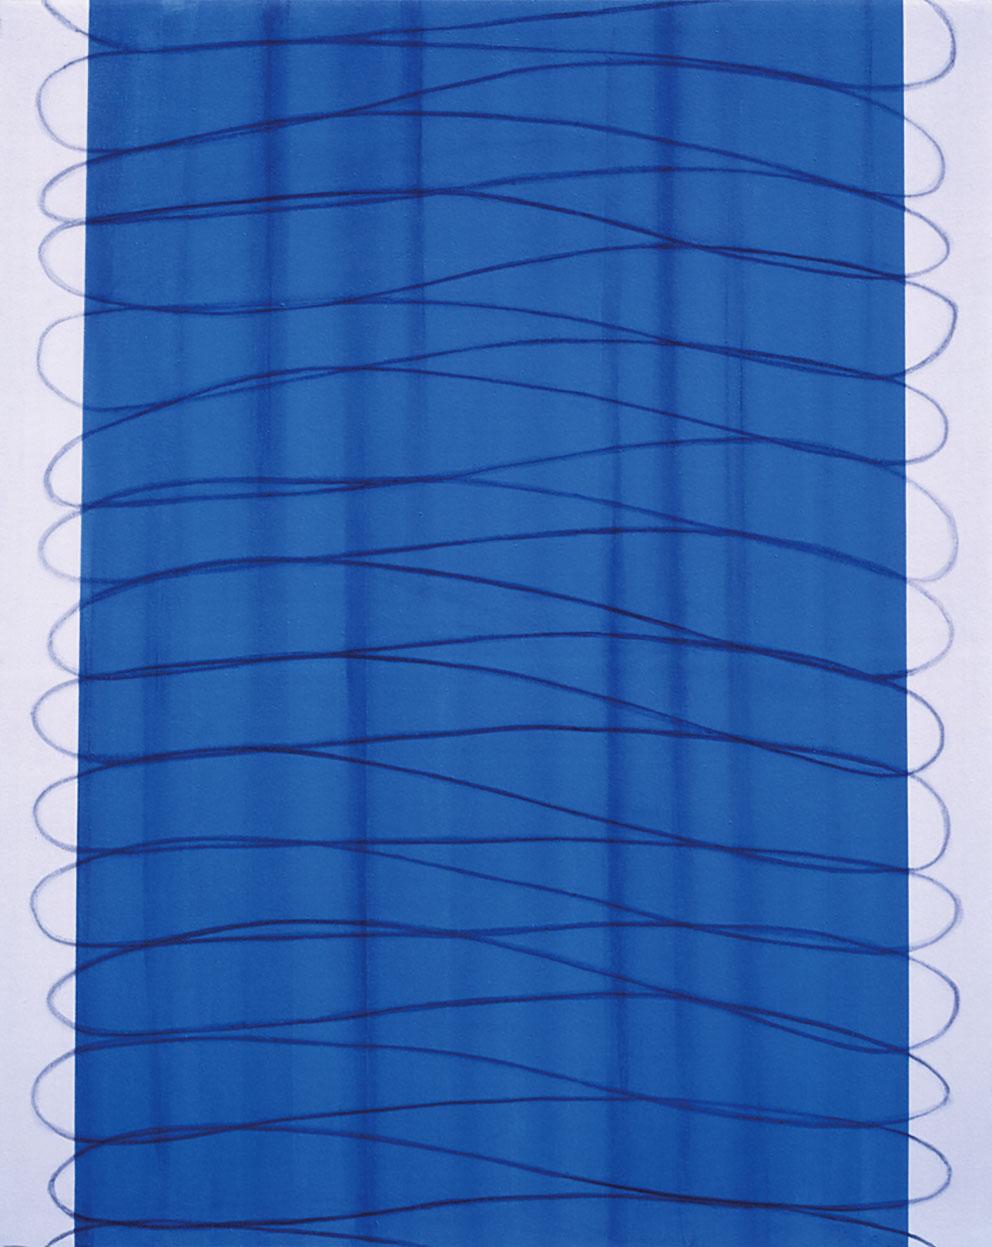 Rencontres III, 1995. Acrílico / Tela, 162 x 130 cm.